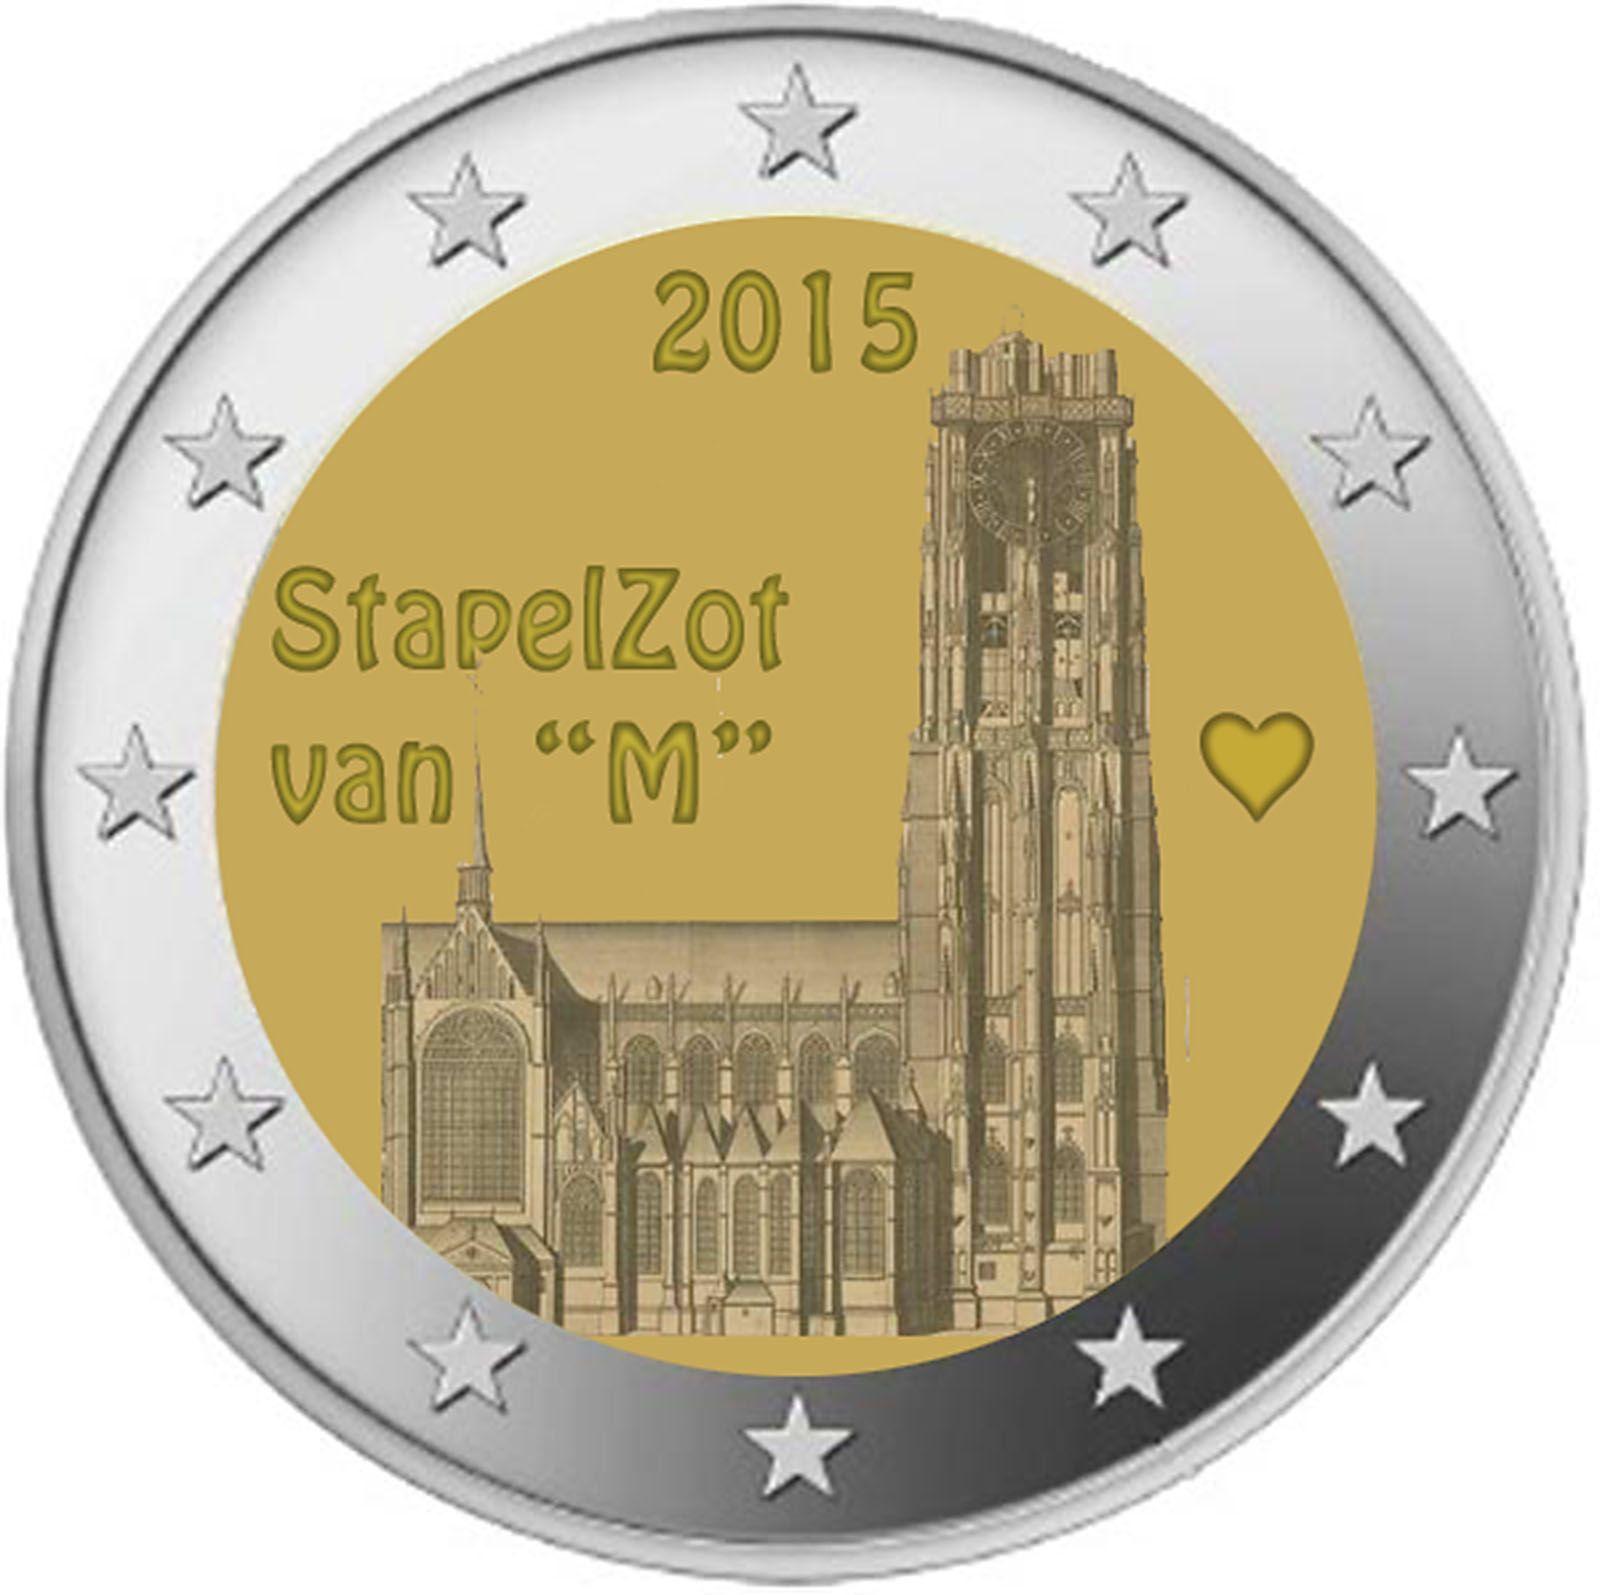 """De nieuwe Vlaamse film StapelZot van """"M"""", gaat over een 2 euro muntstuk met een eigen reisverhaal doorheen de stad Mechelen."""